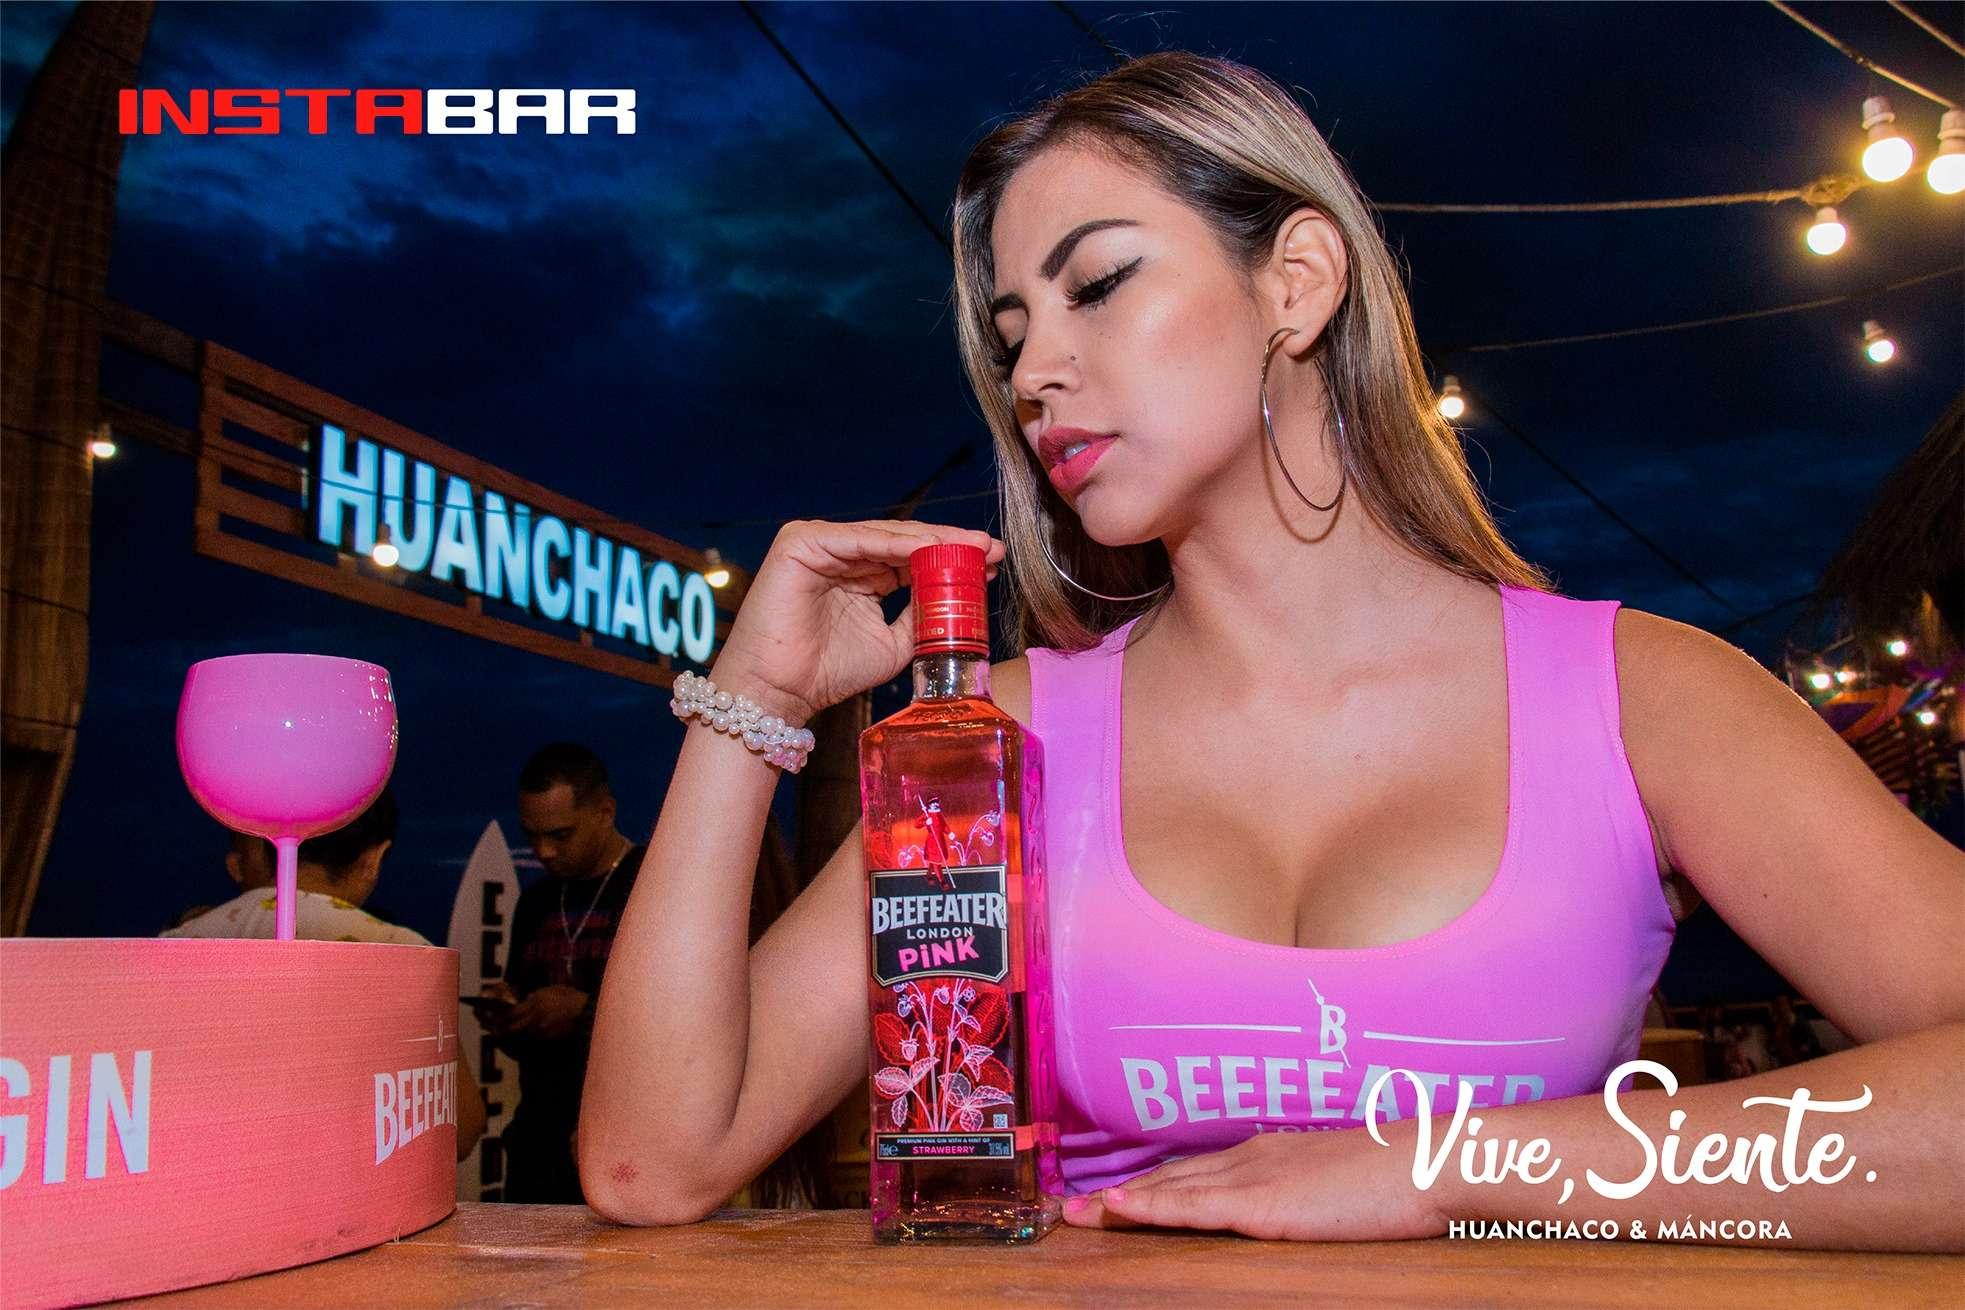 Fiesta Beefeater Pink